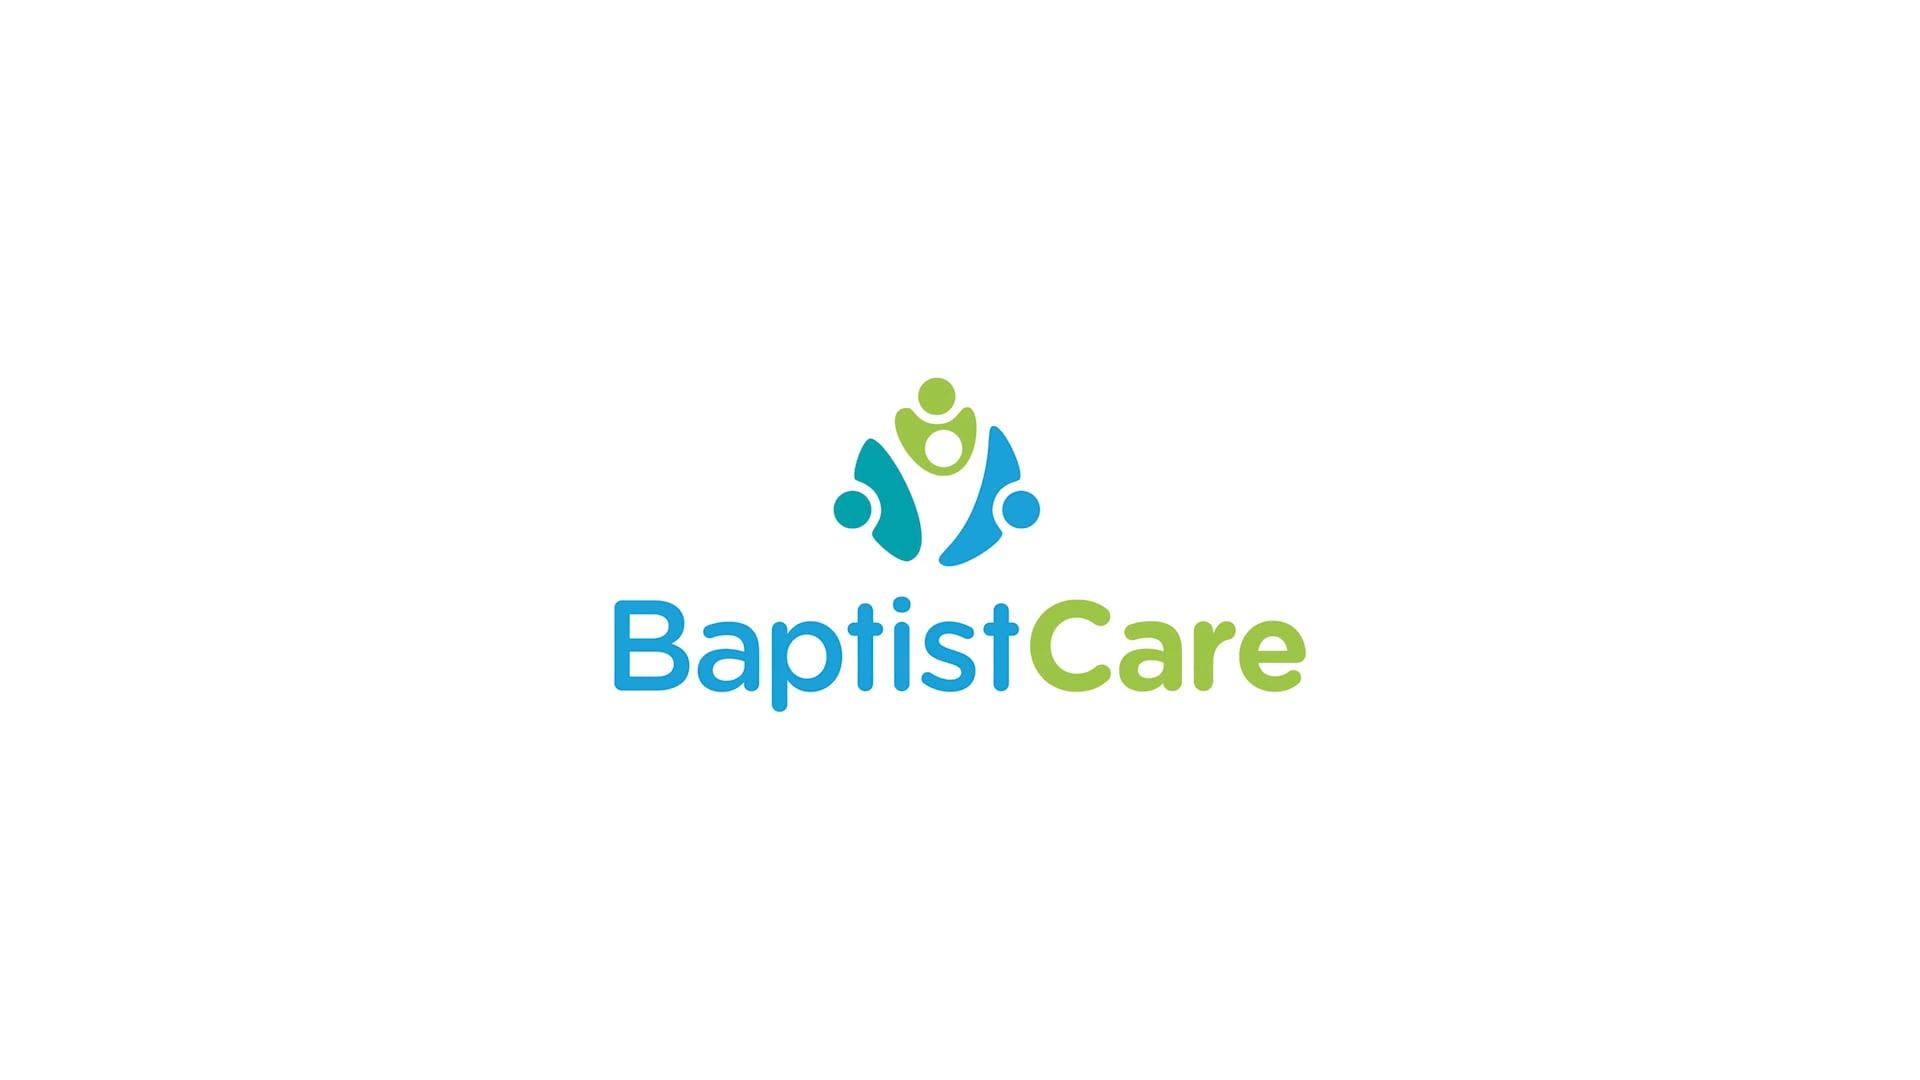 BaptistCare - Palliative Care